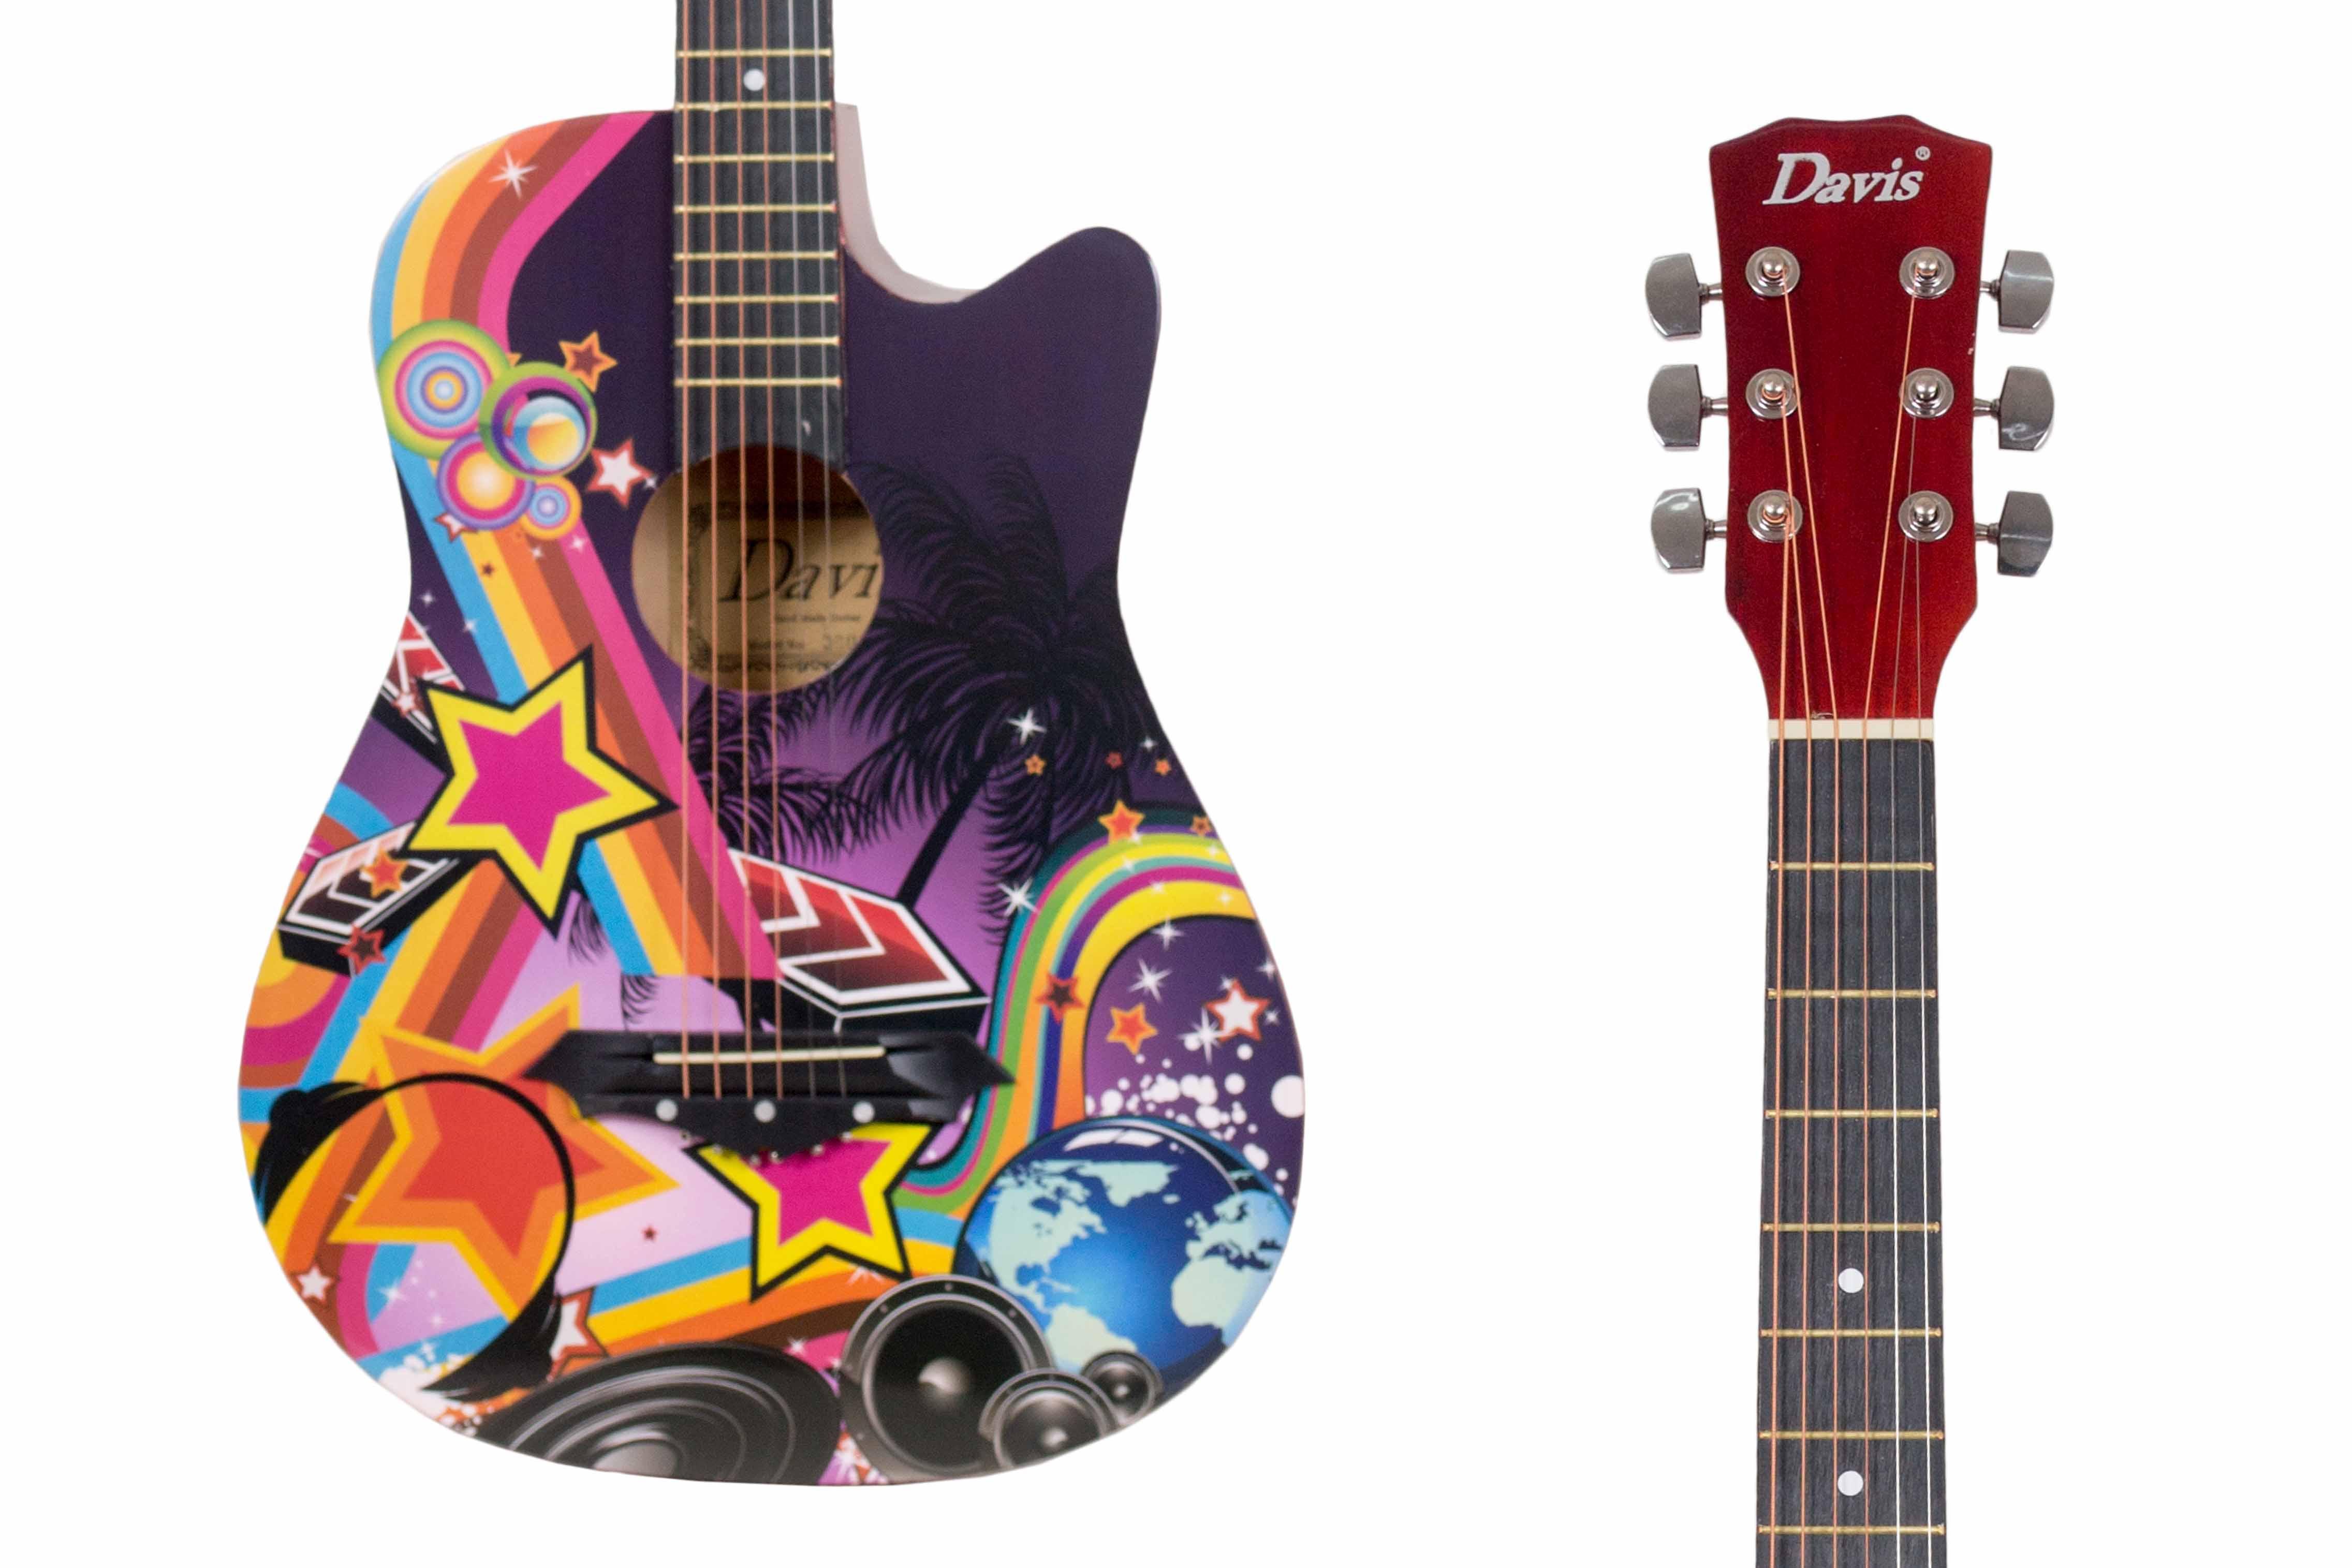 Davis Musical Instruments- D3802_2